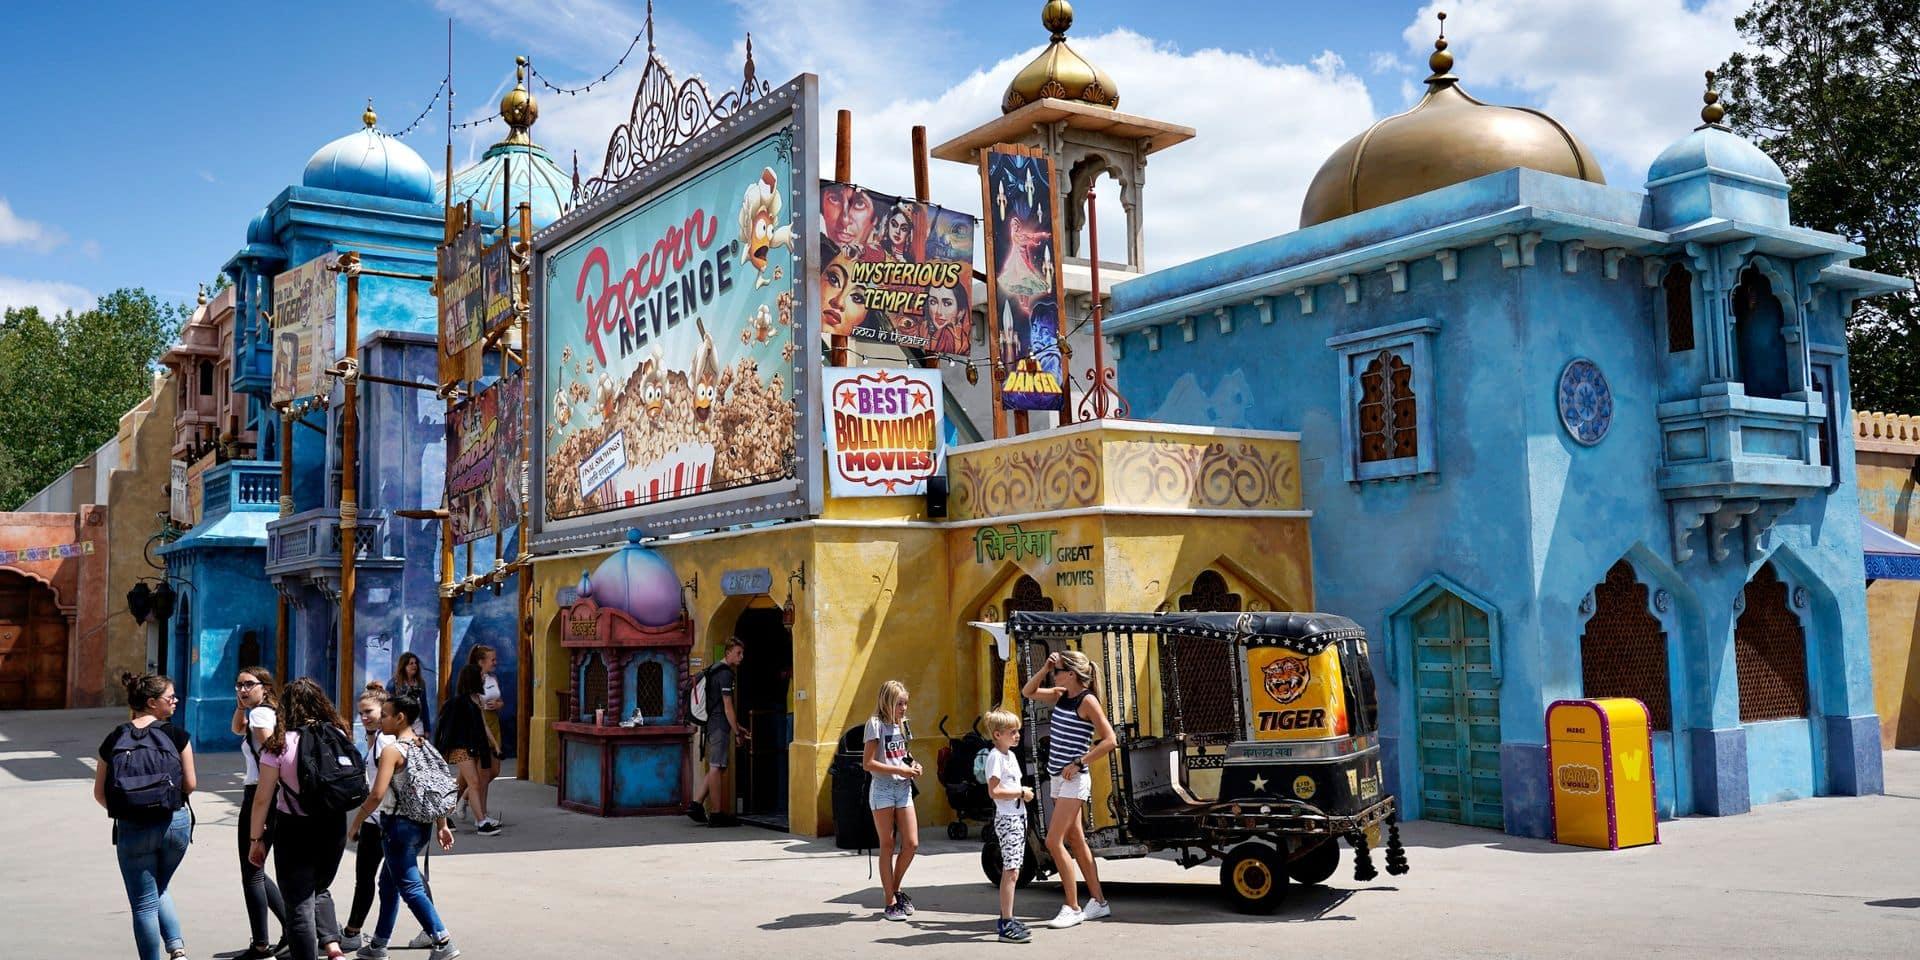 La nouvelle attraction de Walibi, Popcorn Revenge, remporte un prix international prestigieux